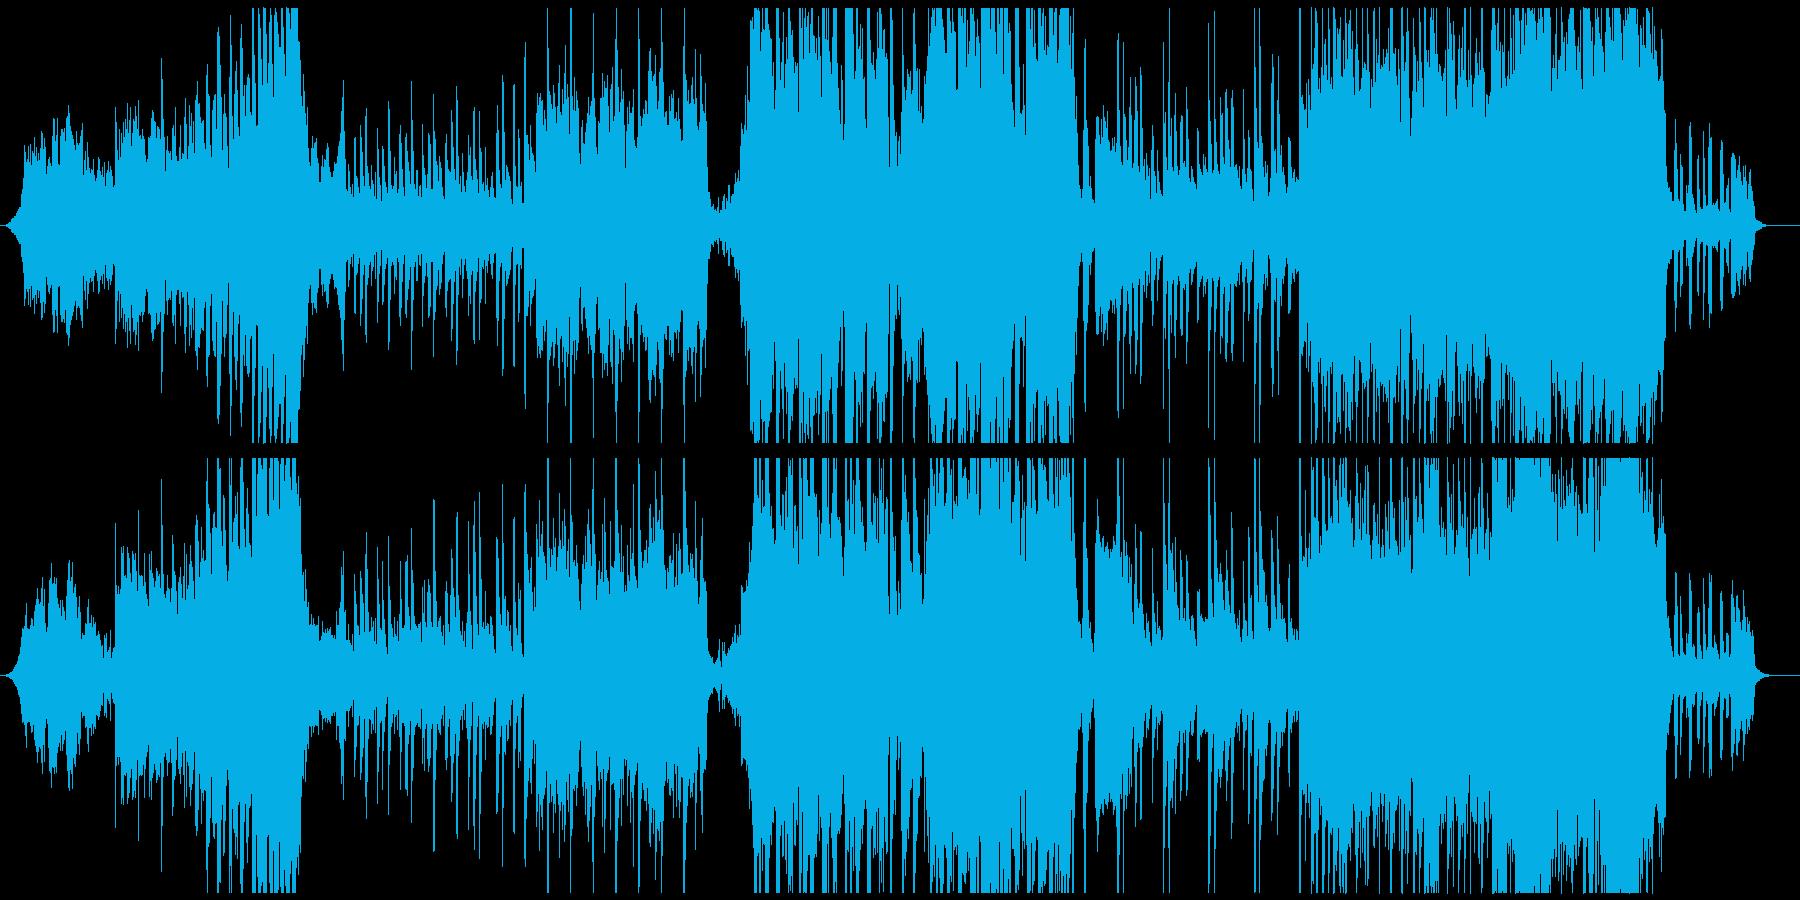 和風でテクノ、古風で未来な個性的な音楽の再生済みの波形